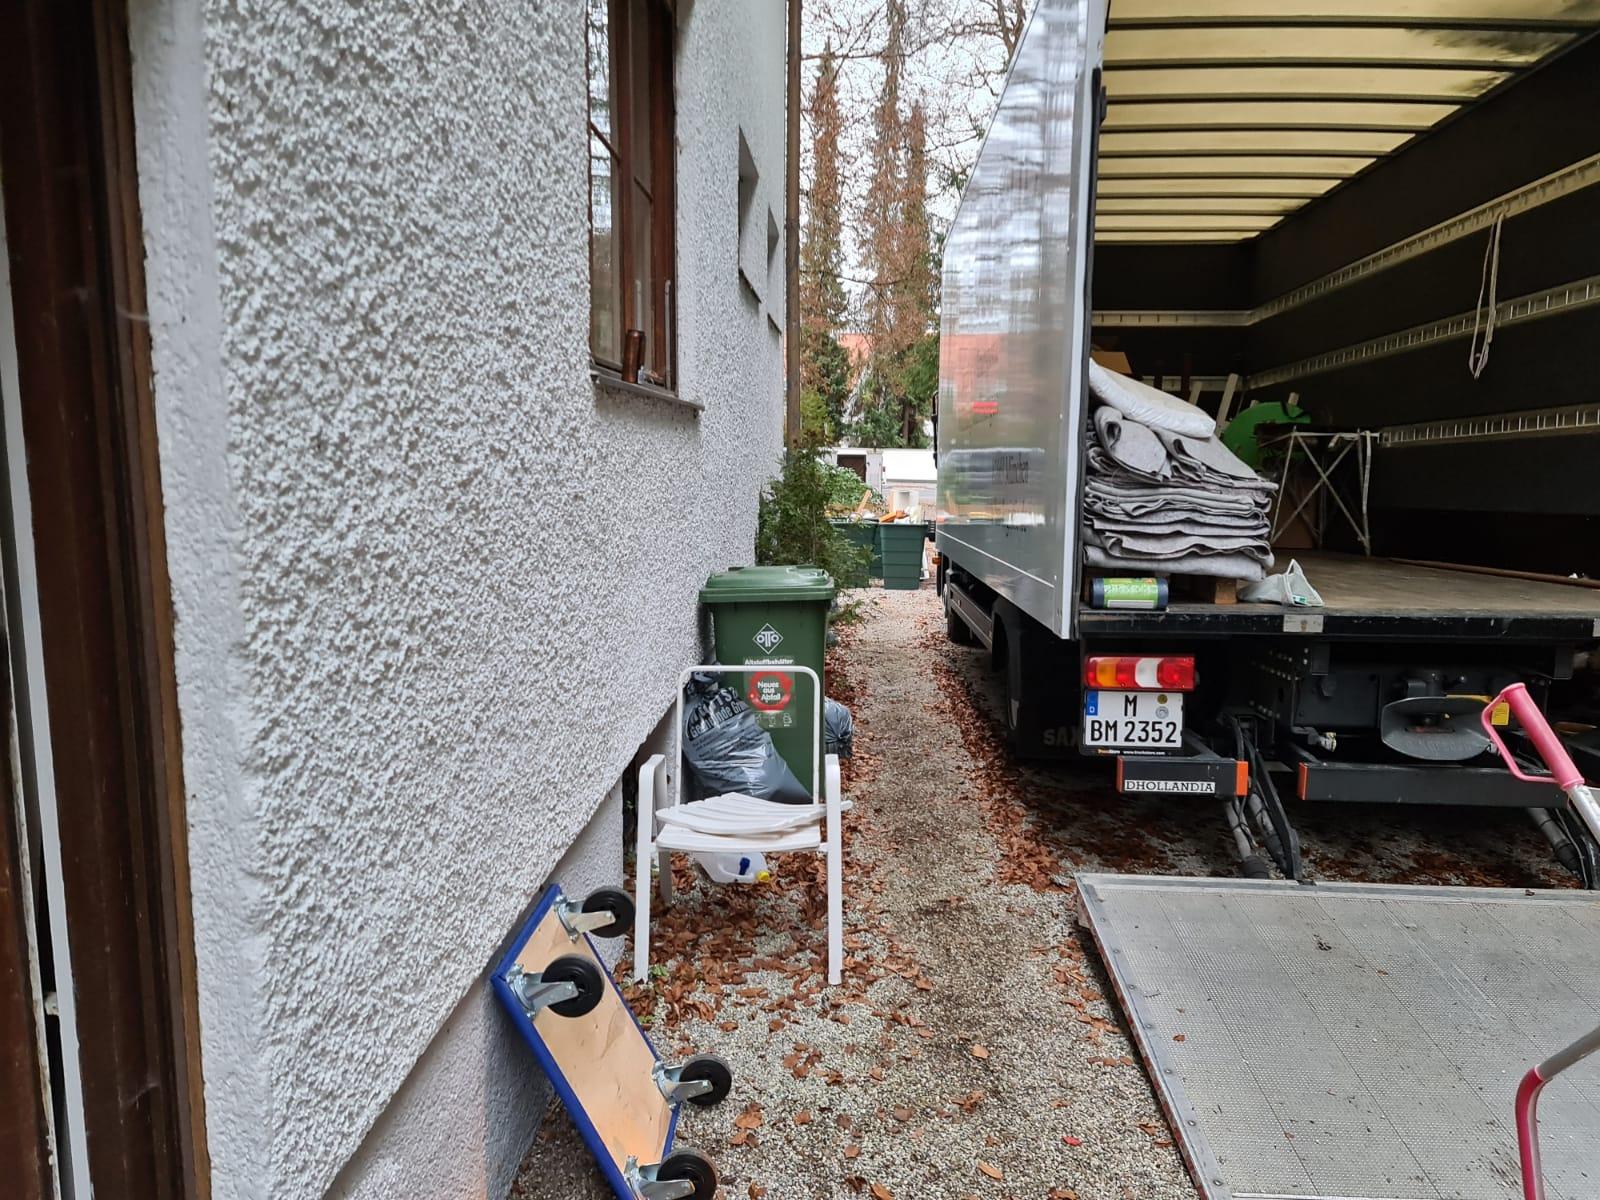 Hausauflösung Kellerauflösung im Grünwald München